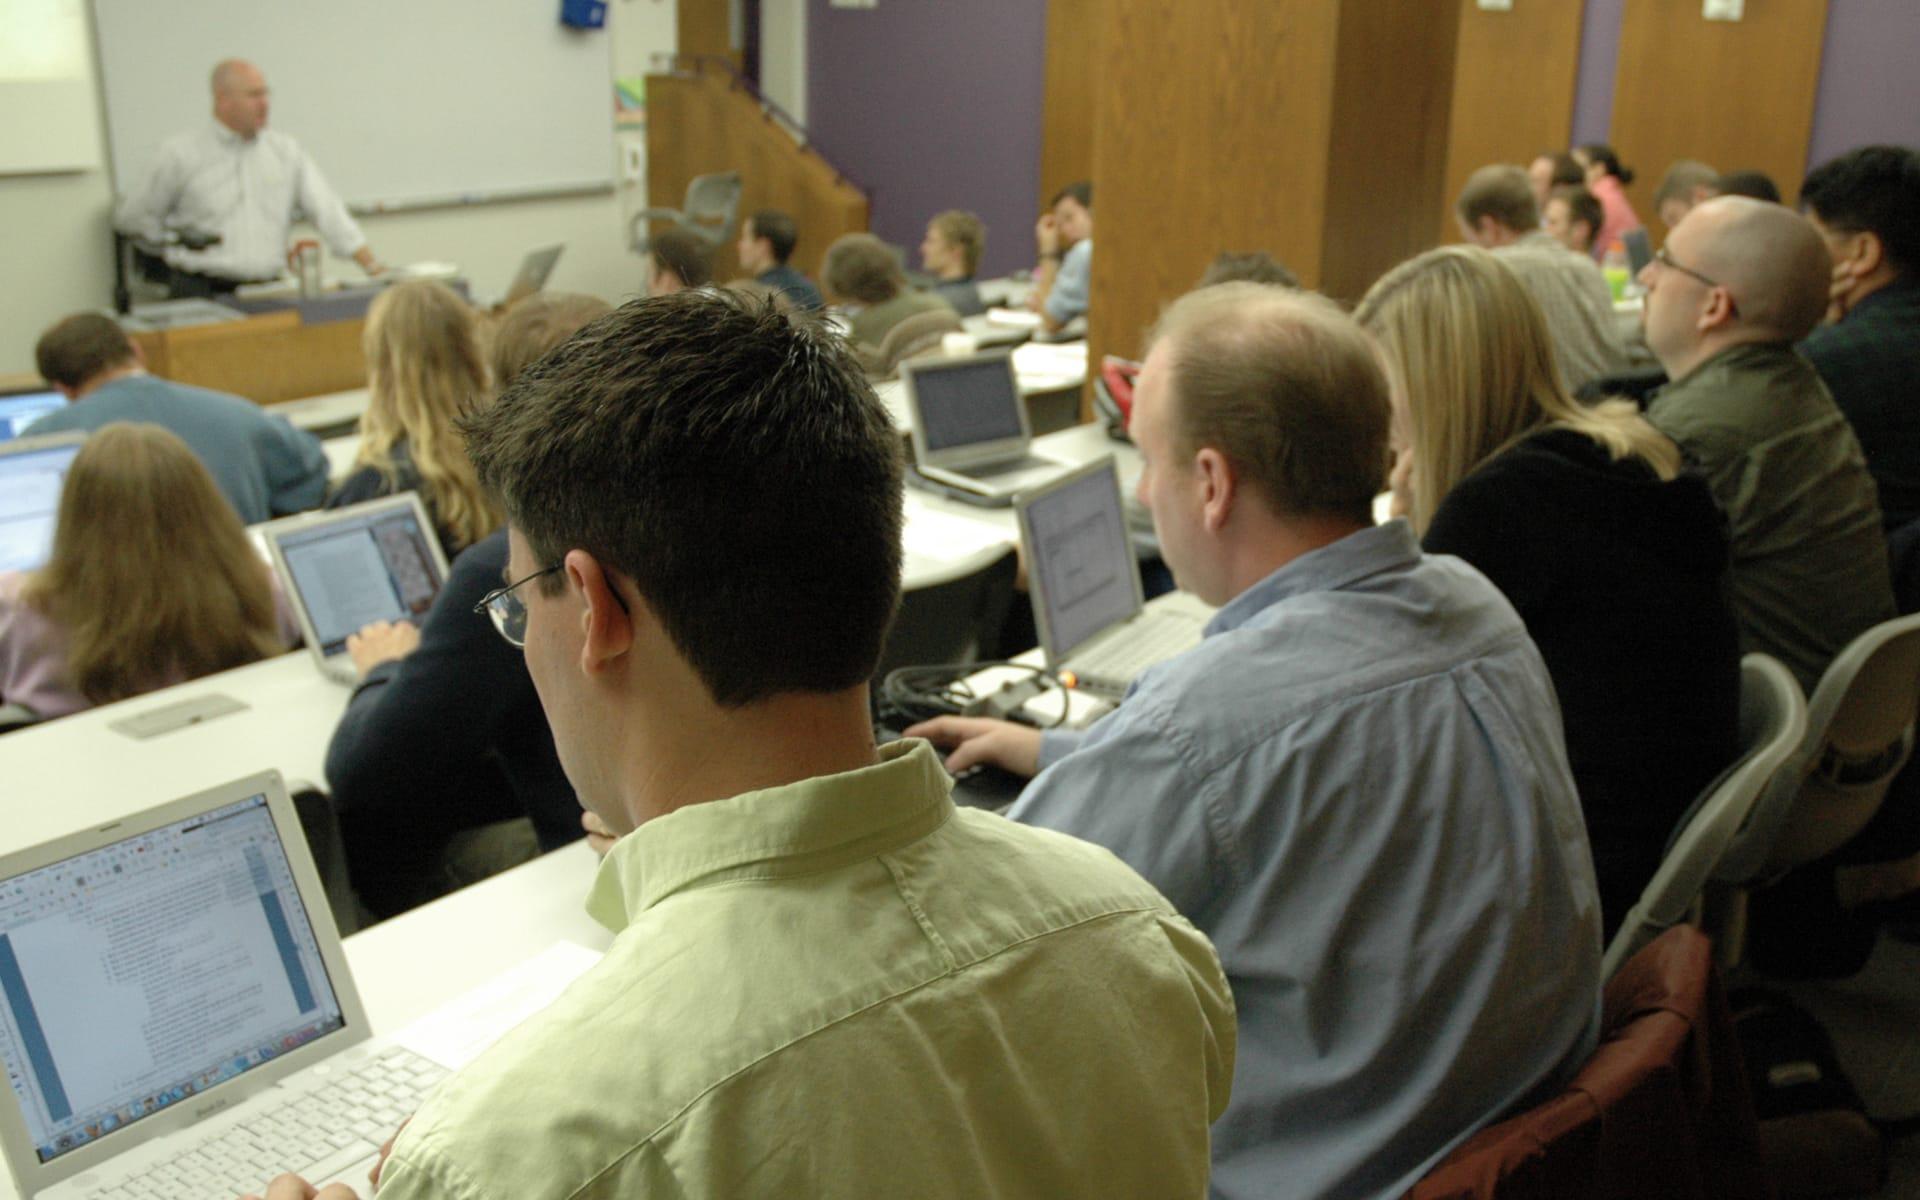 Dr Holsteen teaching a class